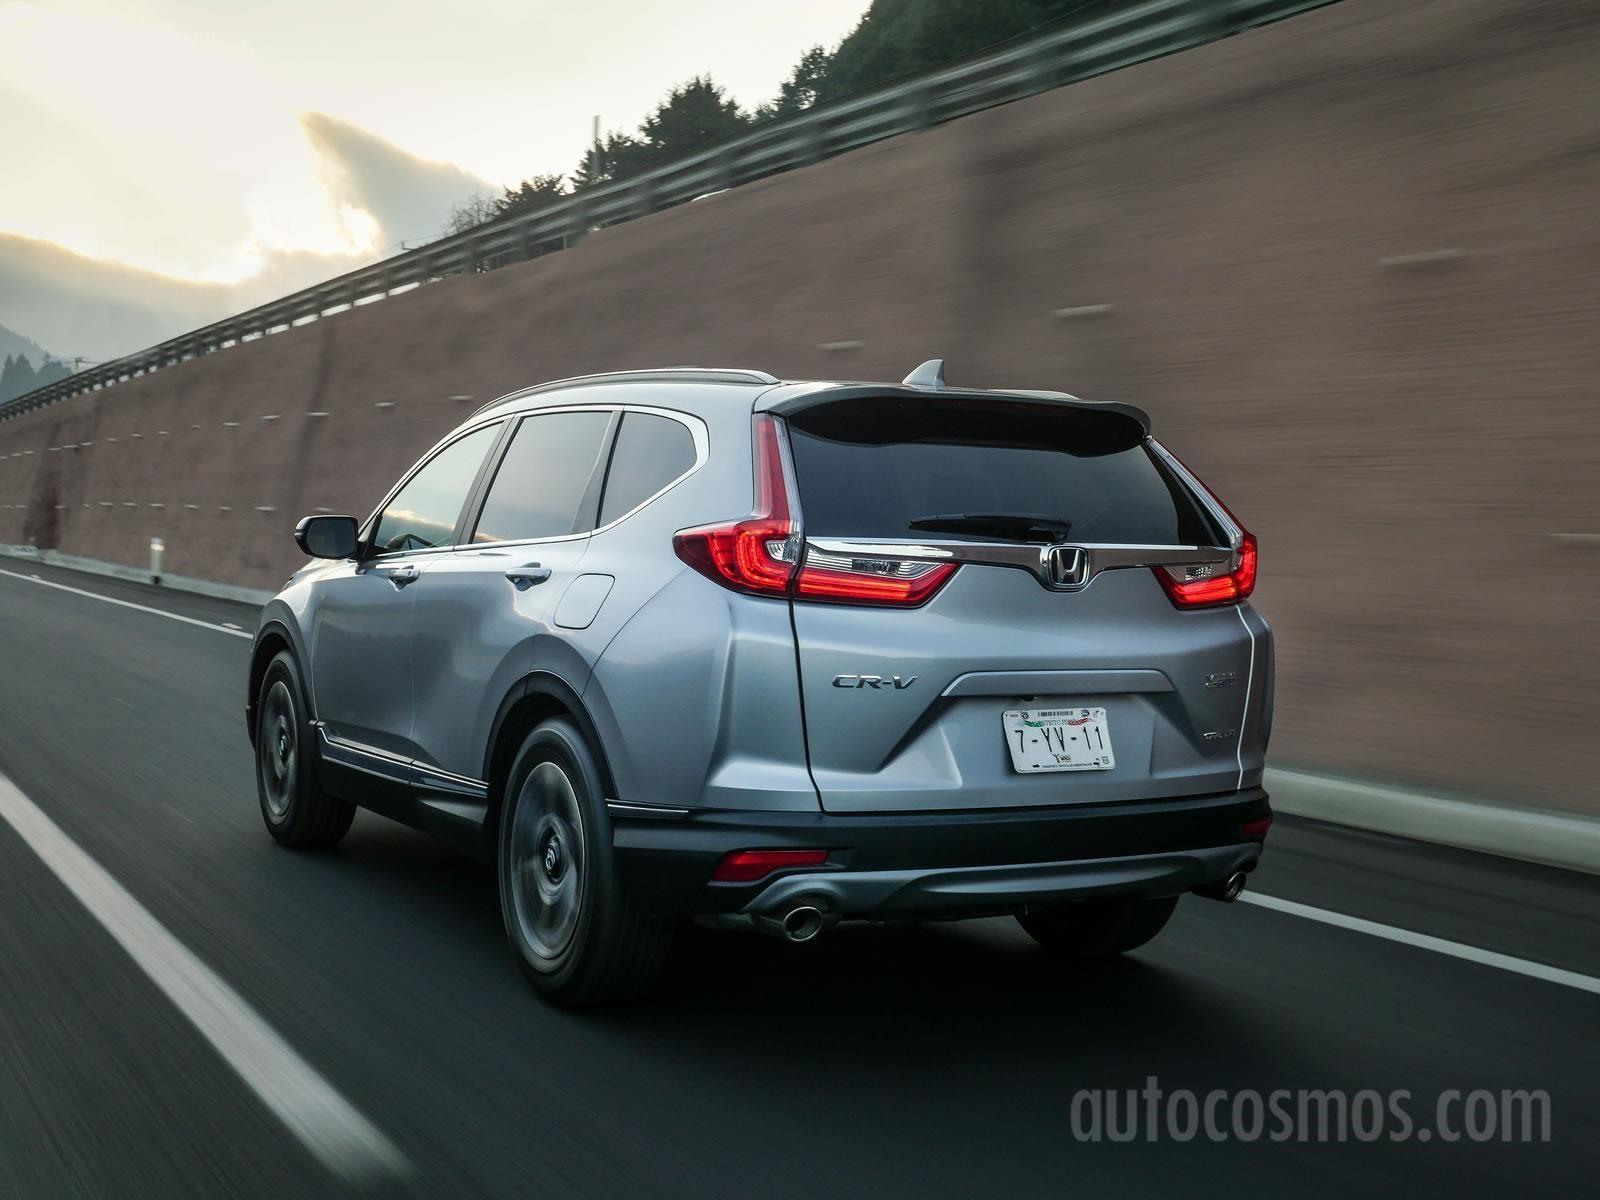 Honda Cr V 2017 Llega A Mexico Con Un Precio Inicial De 389 900